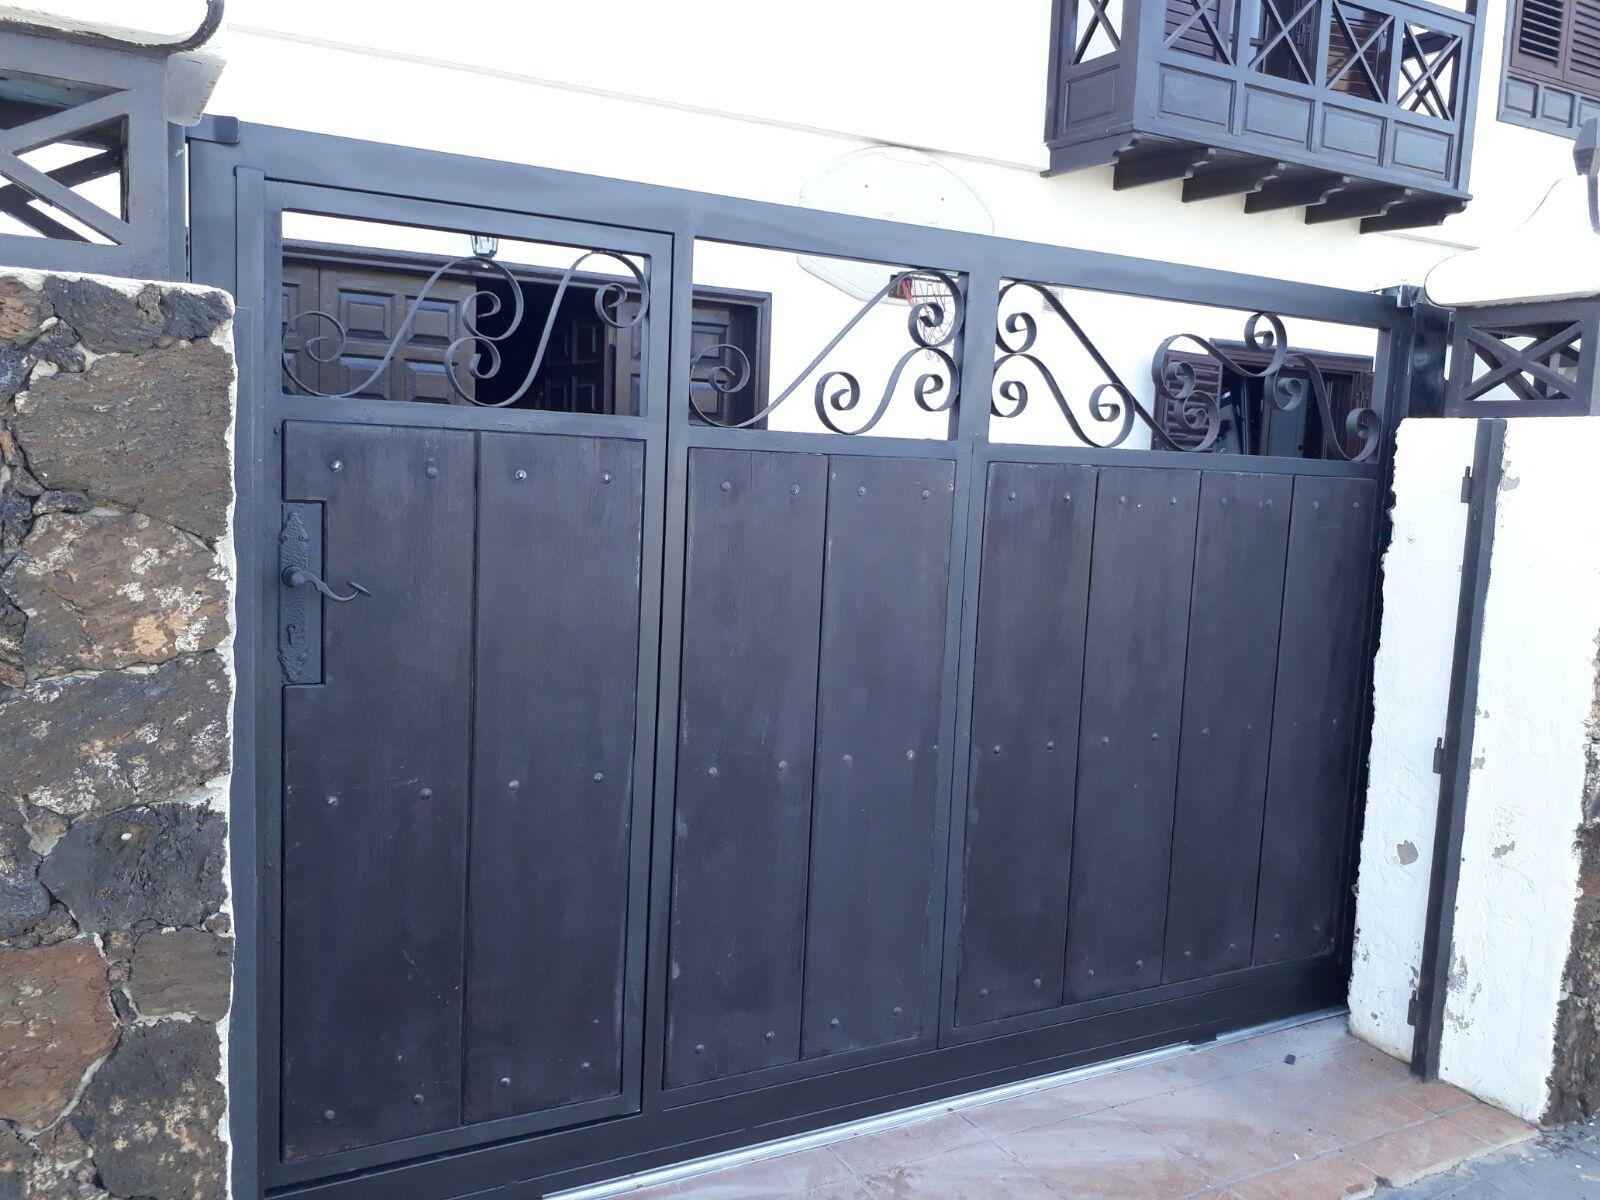 puerta metálica reparada en Punta Mujeres